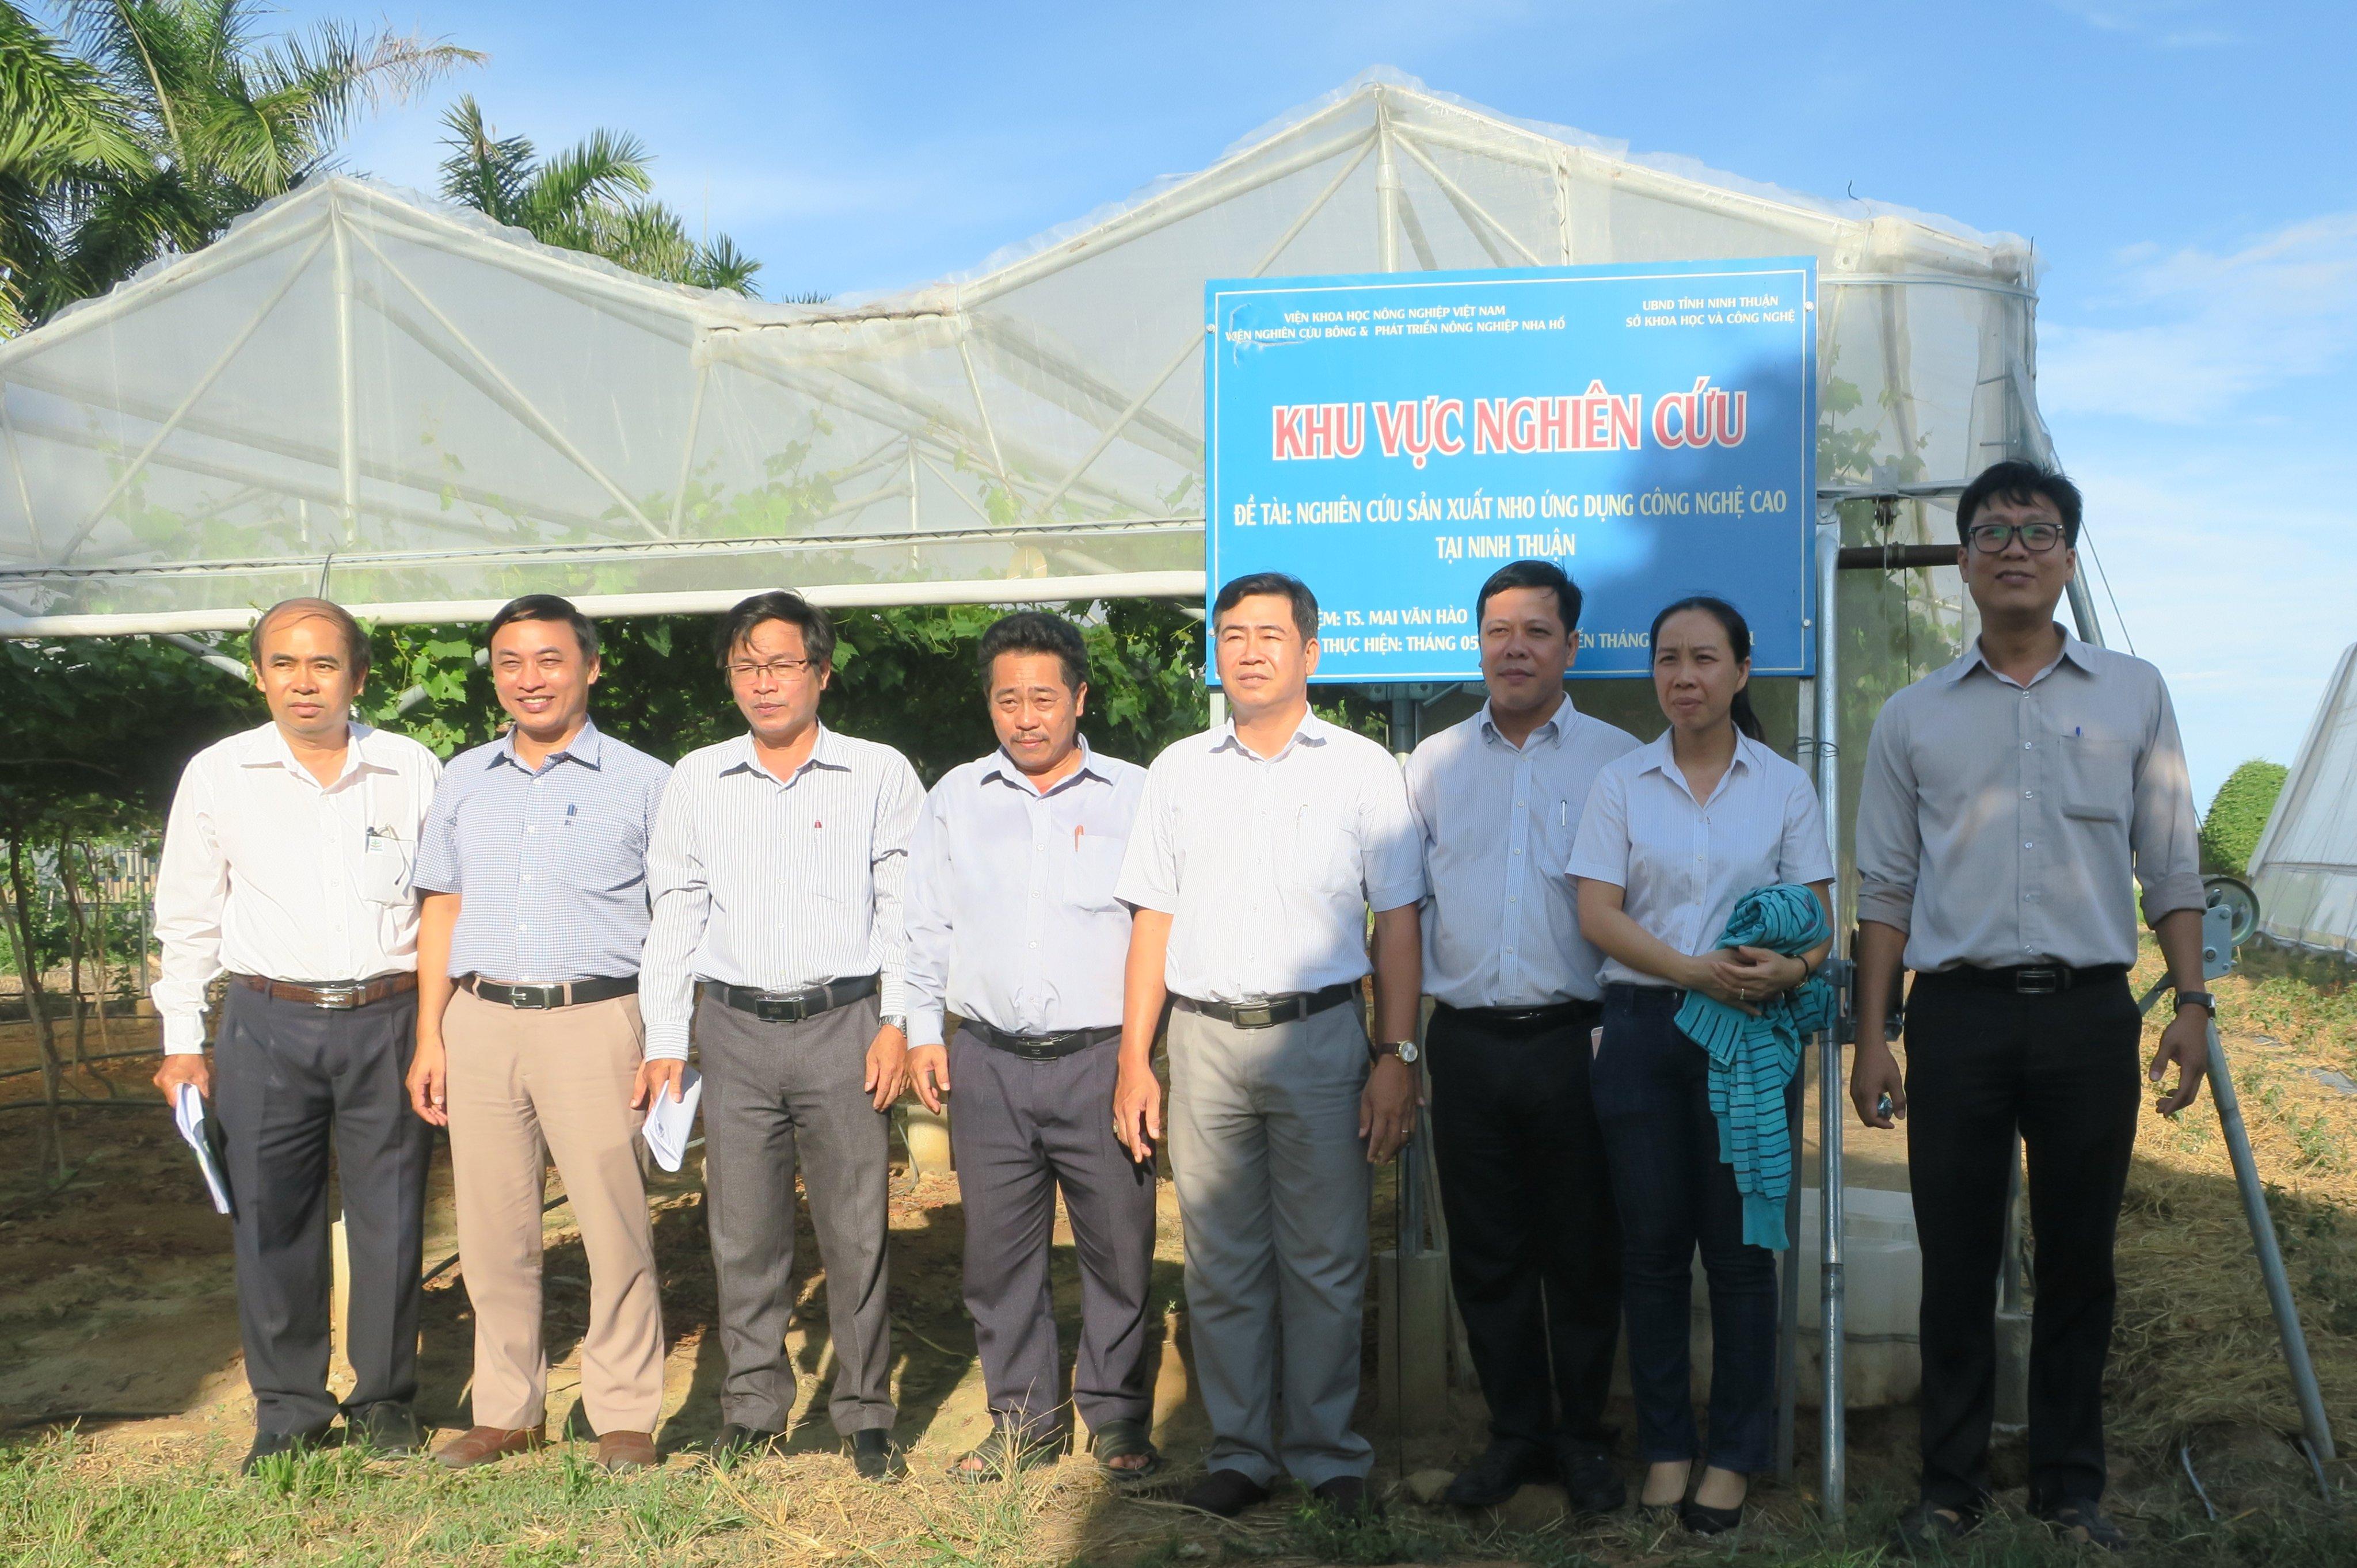 Đoàn công tác Sở Khoa học & Công nghệ Ninh Thuận thăm và làm việc với Viện Nghiên cứu Bông & Phát triển Nông nghiệp Nha Hố